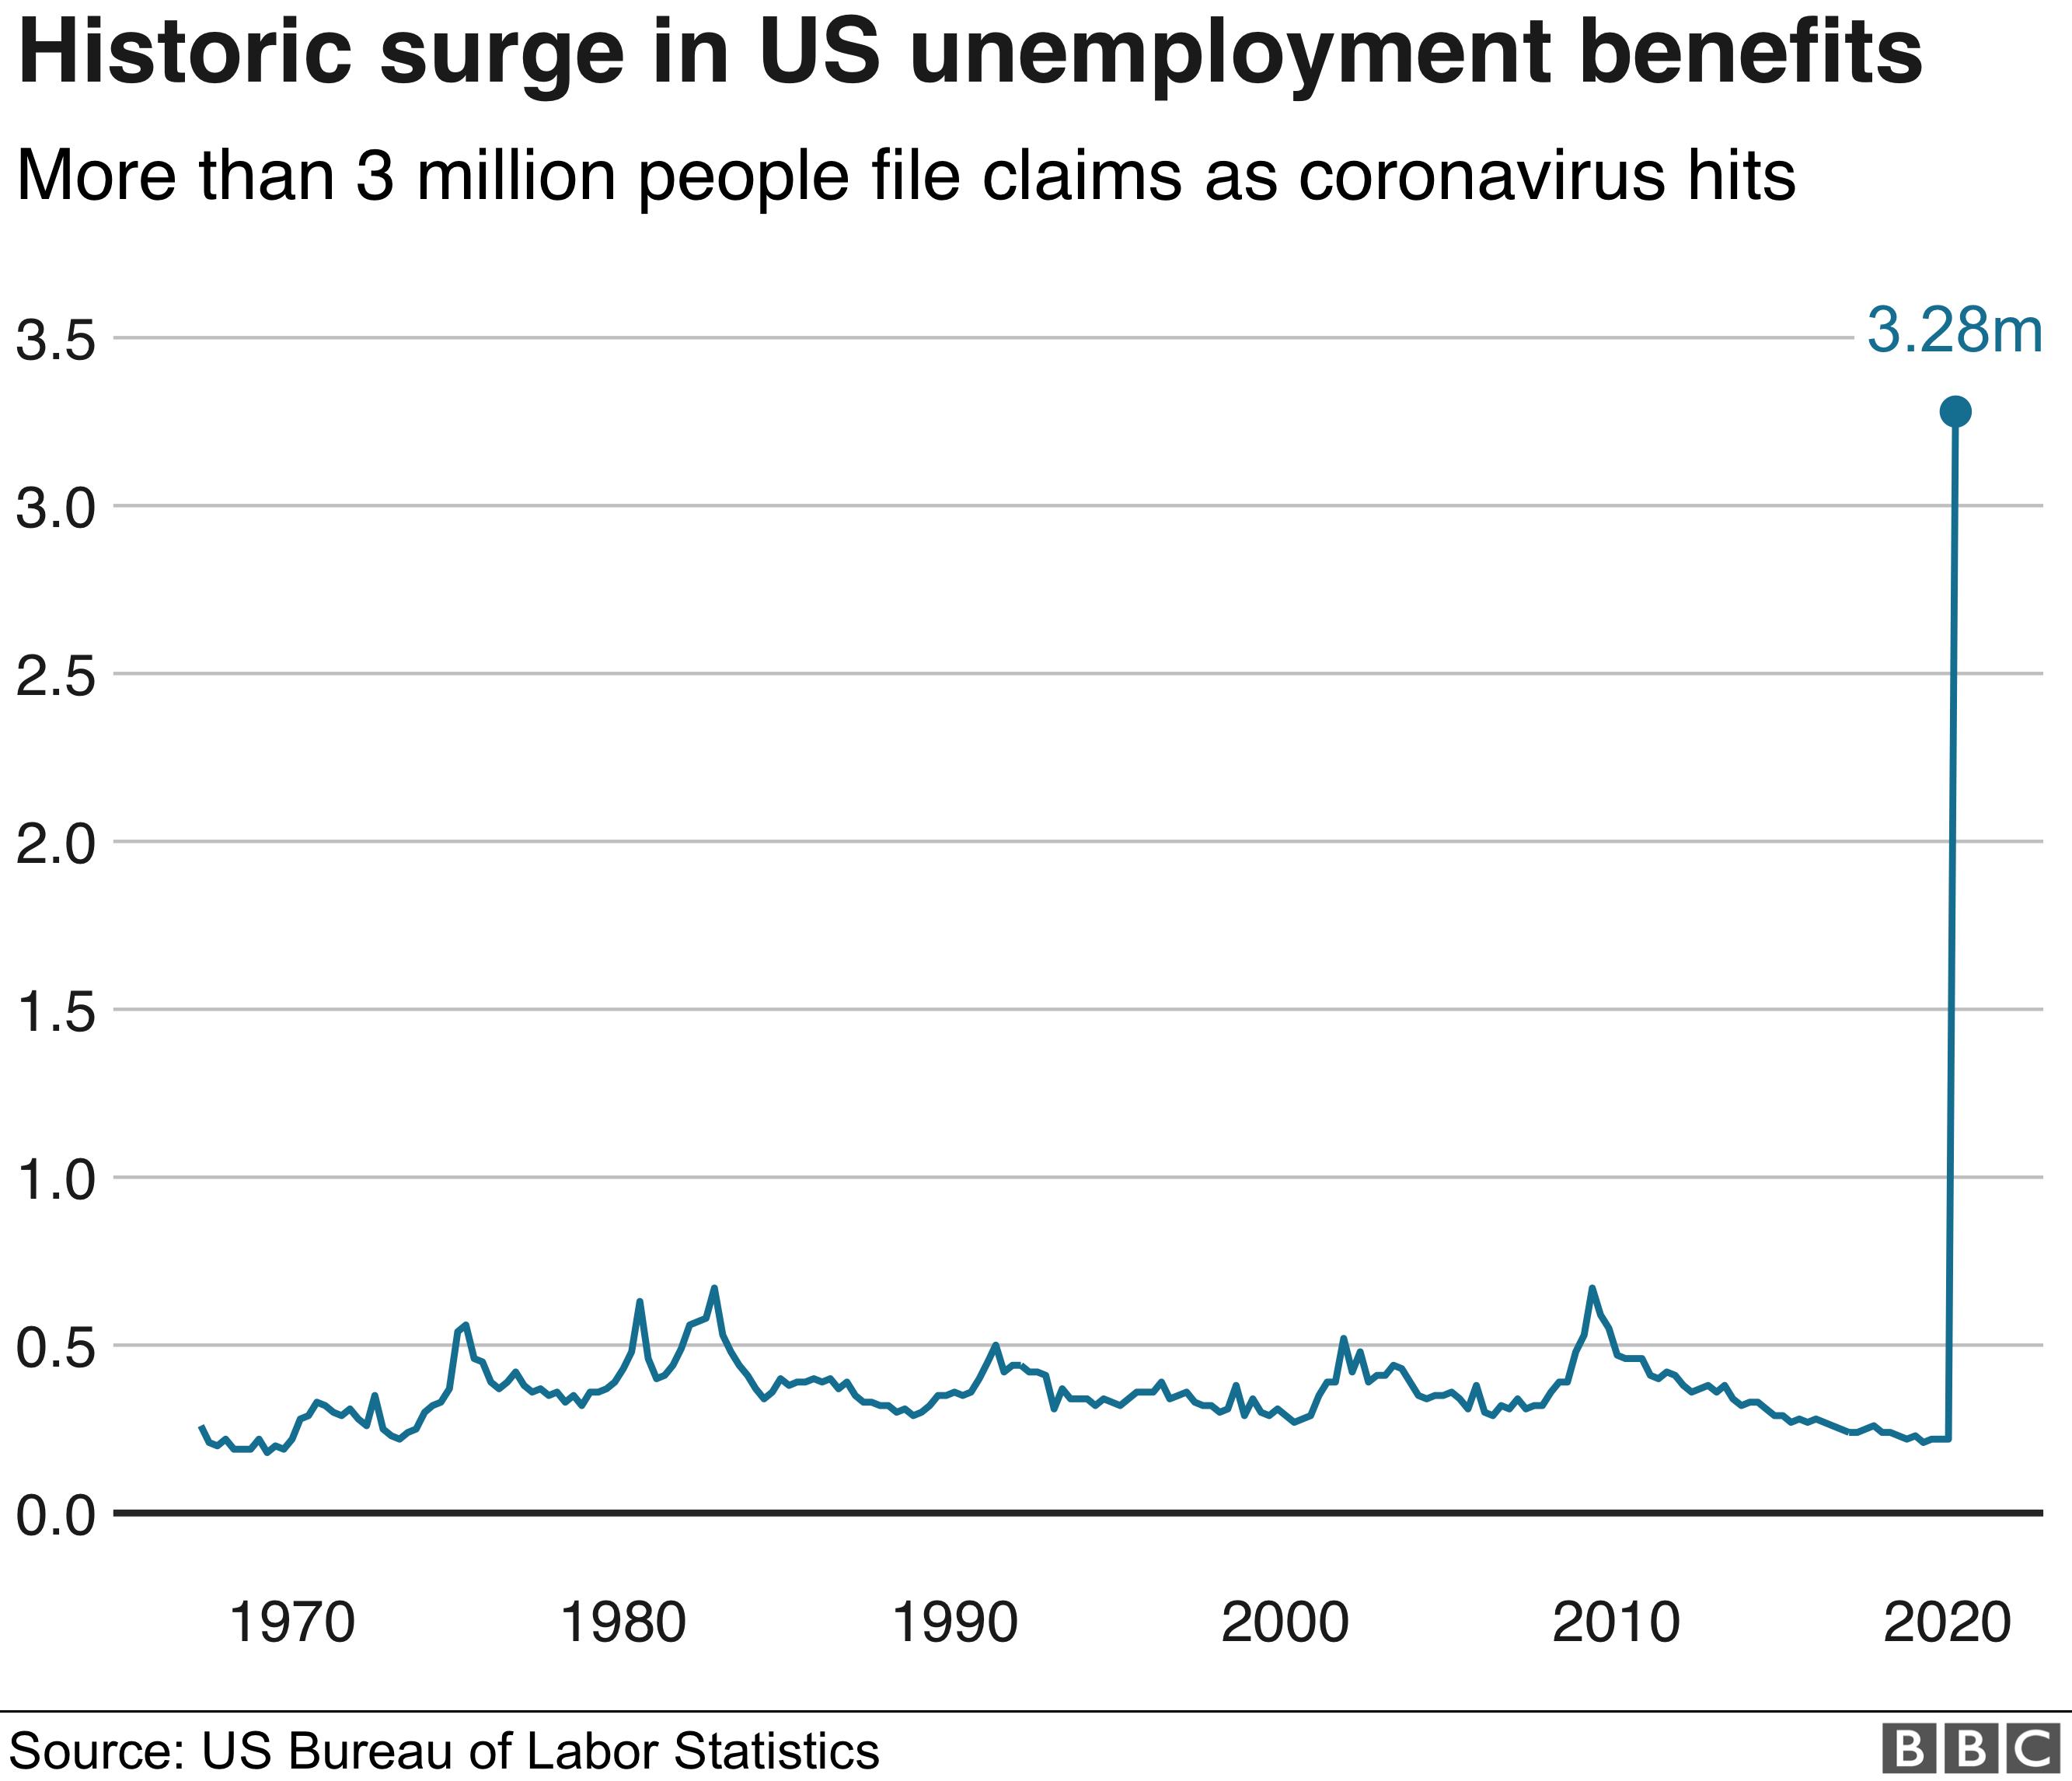 US unemployment benefits claims